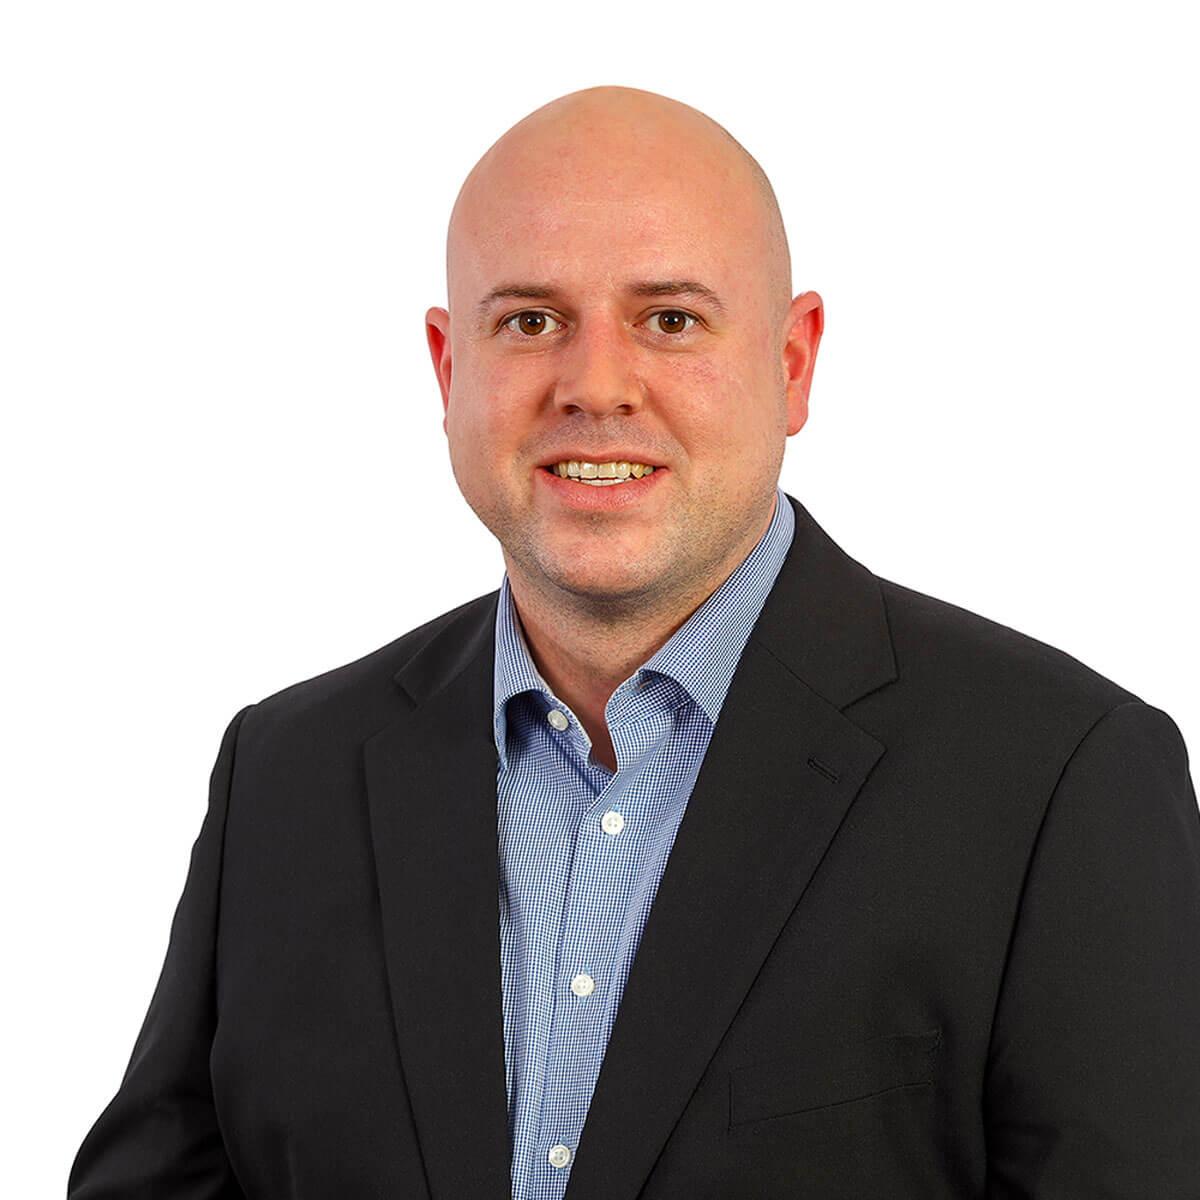 Michael Smolka ist im Bereich KNX/Wartung der Kocher GmbH.